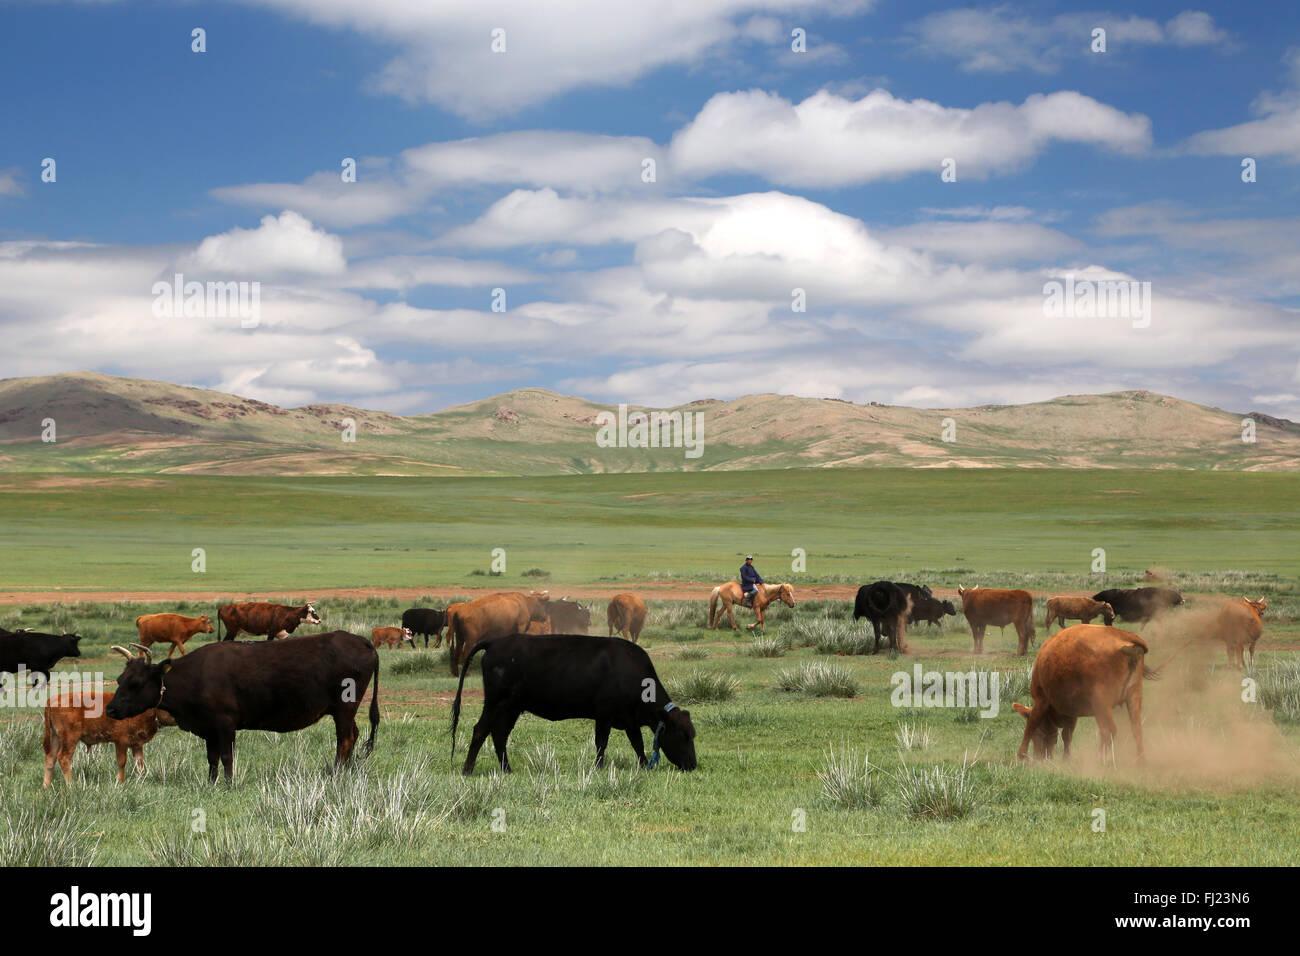 Mongolia verde paisaje con caballos y vacas Imagen De Stock